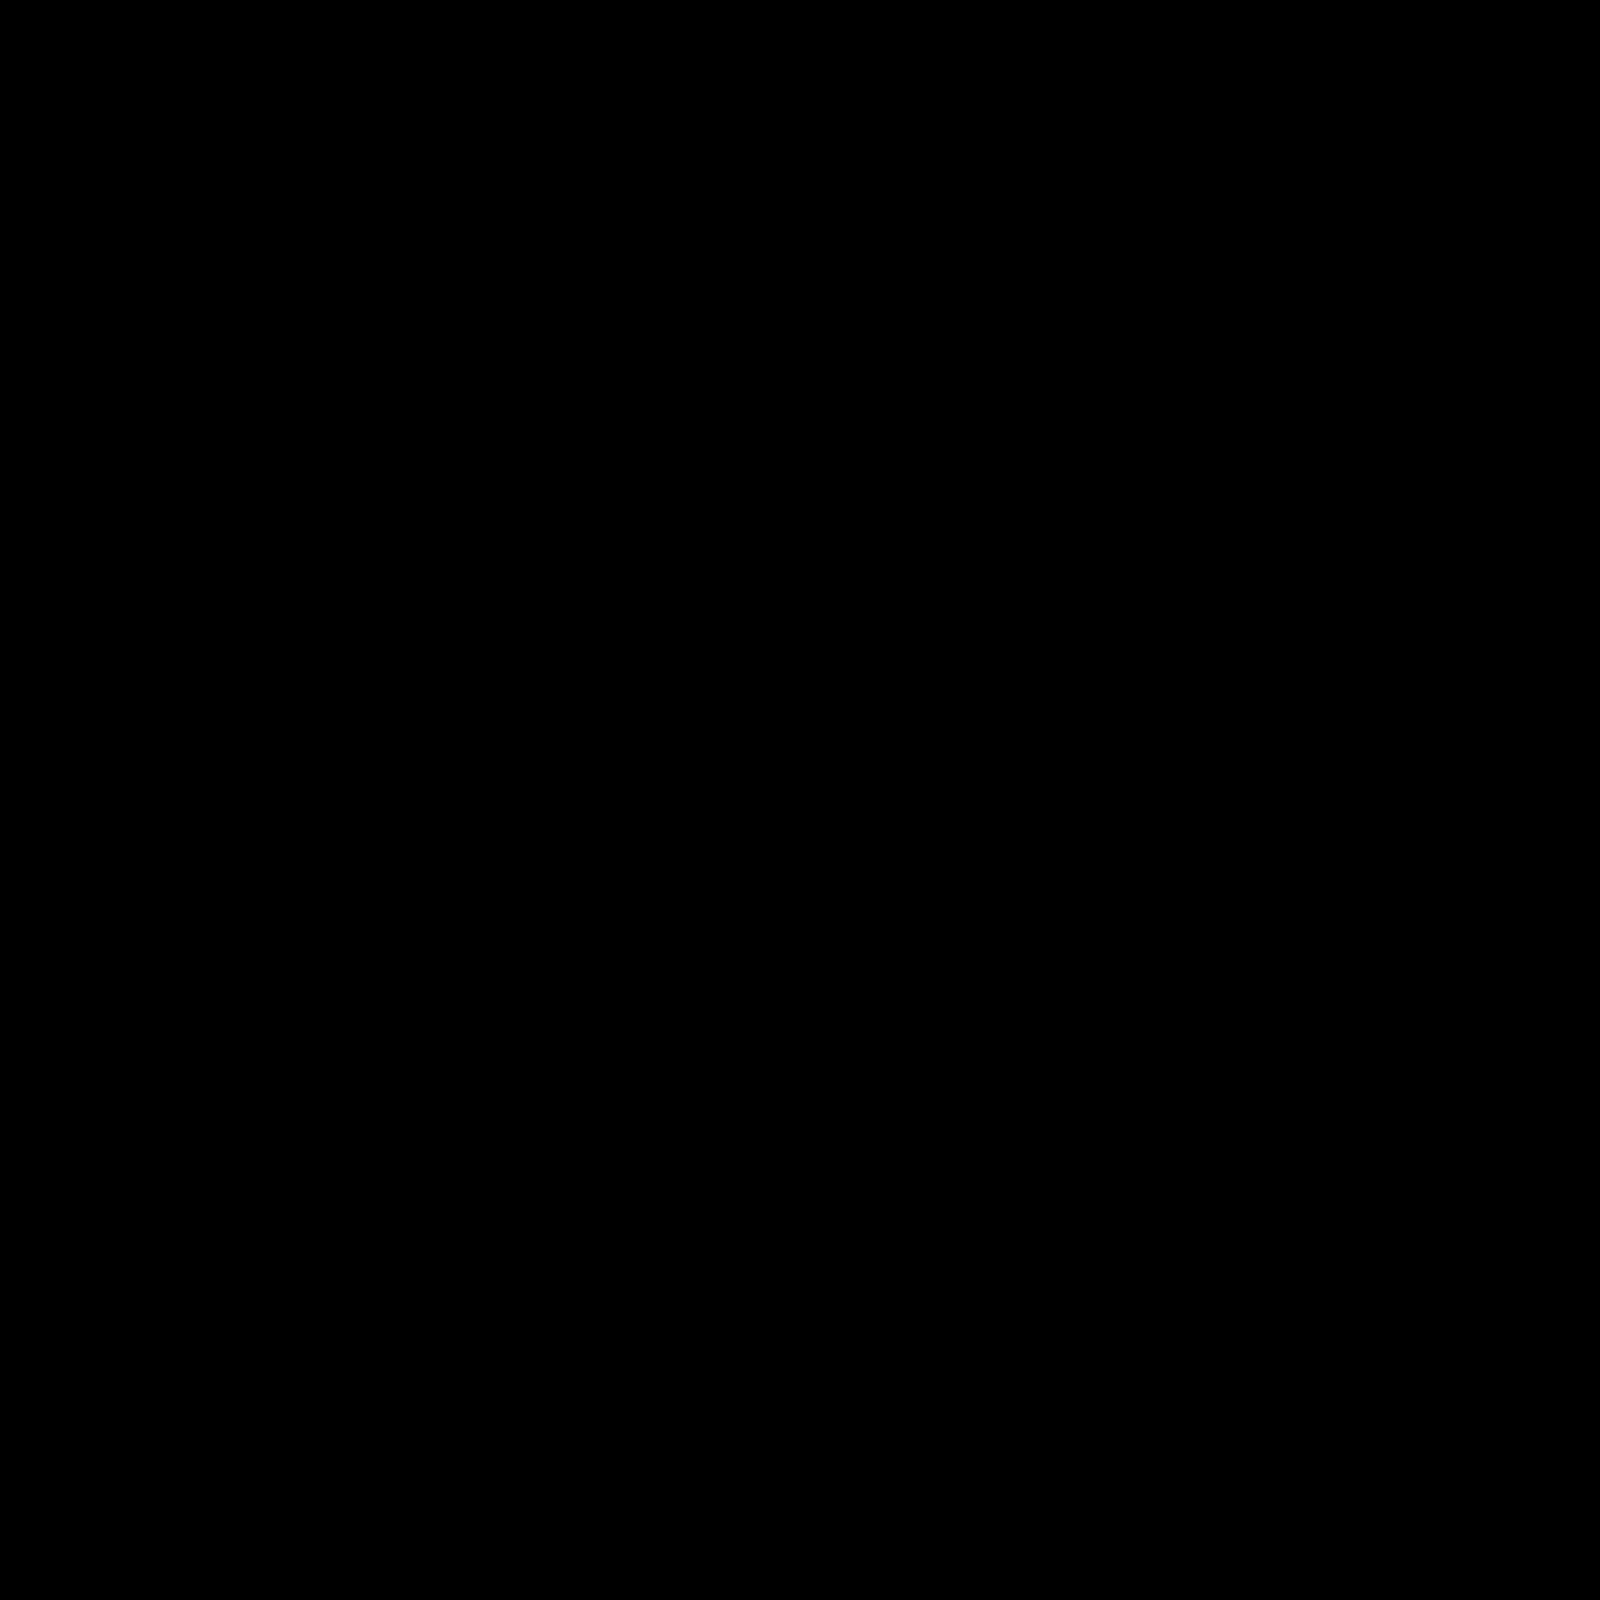 Mortal kombat x Logos